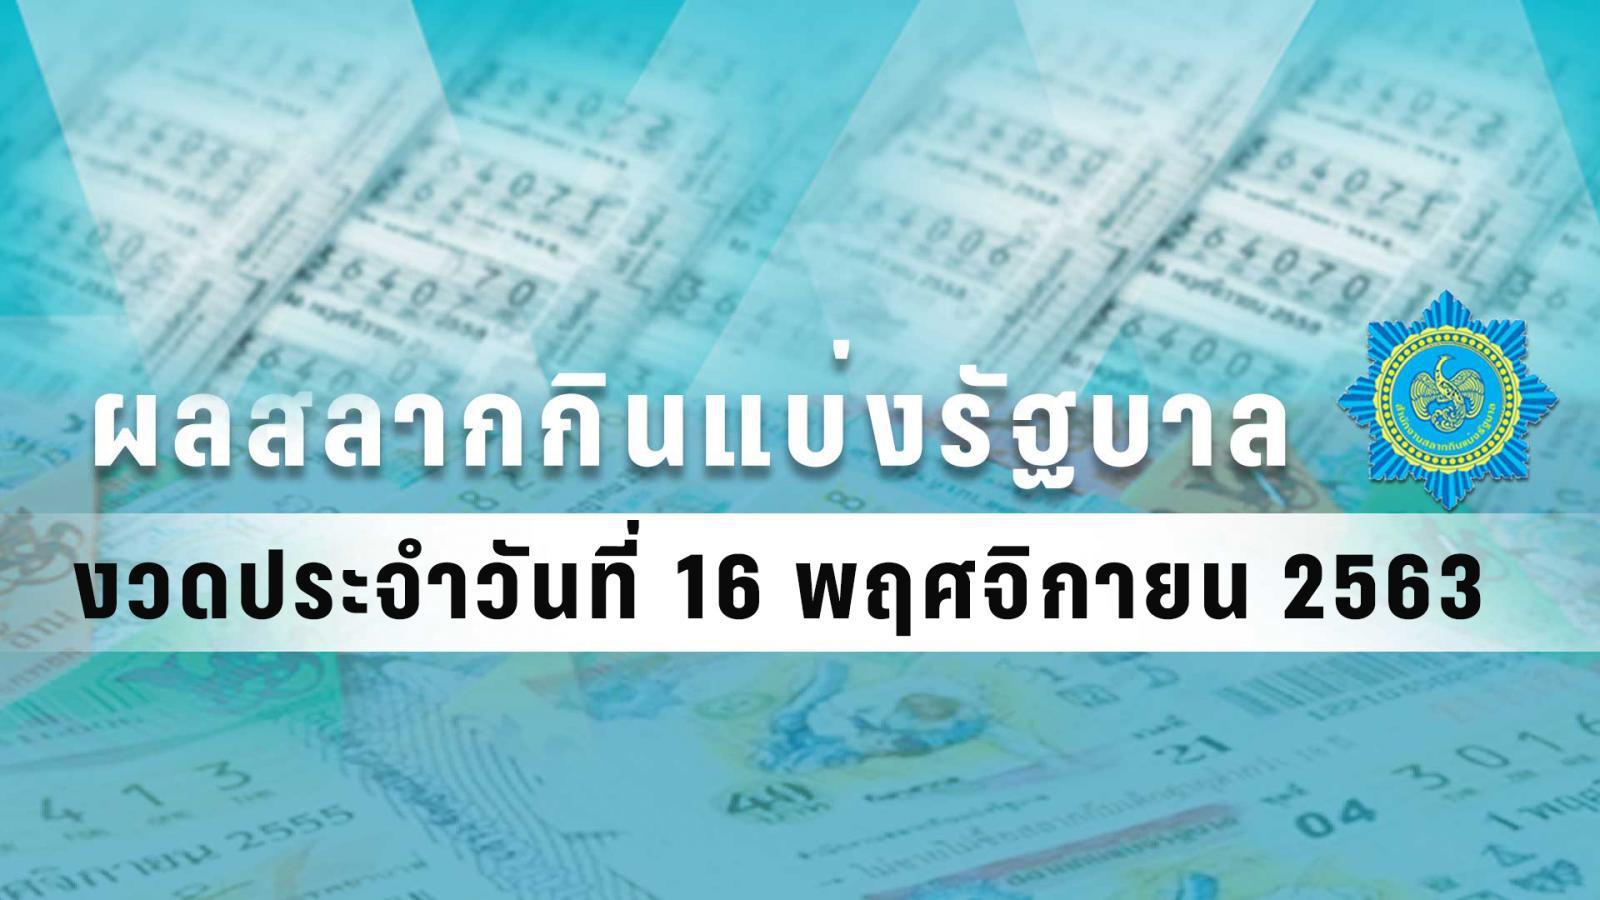 ตรวจหวย - ผลสลากกินแบ่งรัฐบาล งวดวันที่ 16 พฤศจิกายน  2563